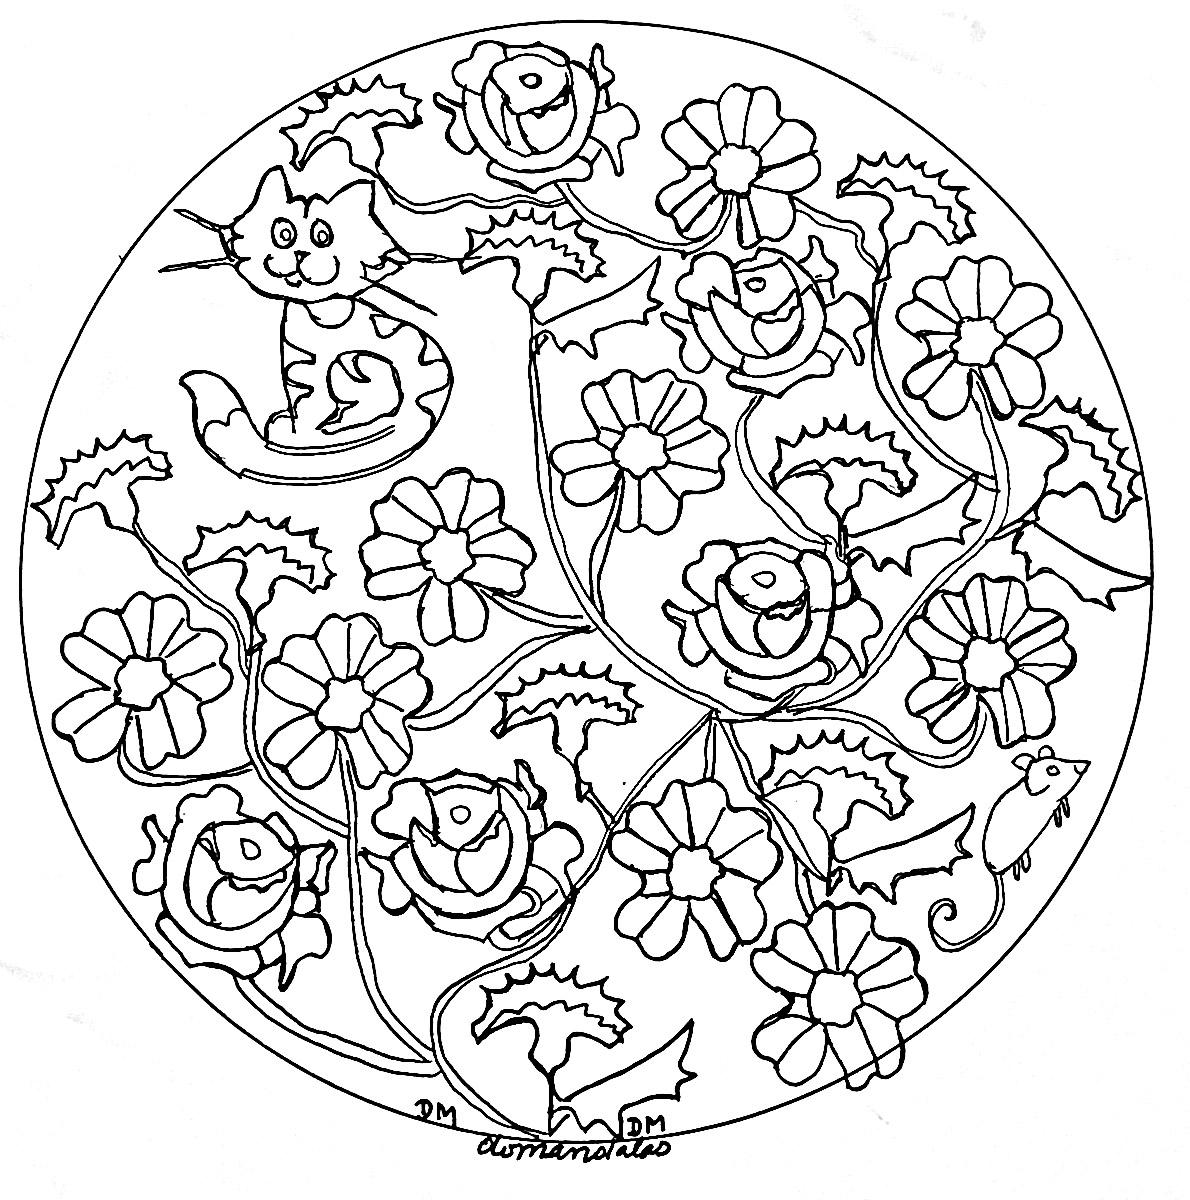 Coloriage Chat Avec Des Fleurs.Joli Mandala Avec Chats Et Petites Fleurs Mandalas De Difficulte